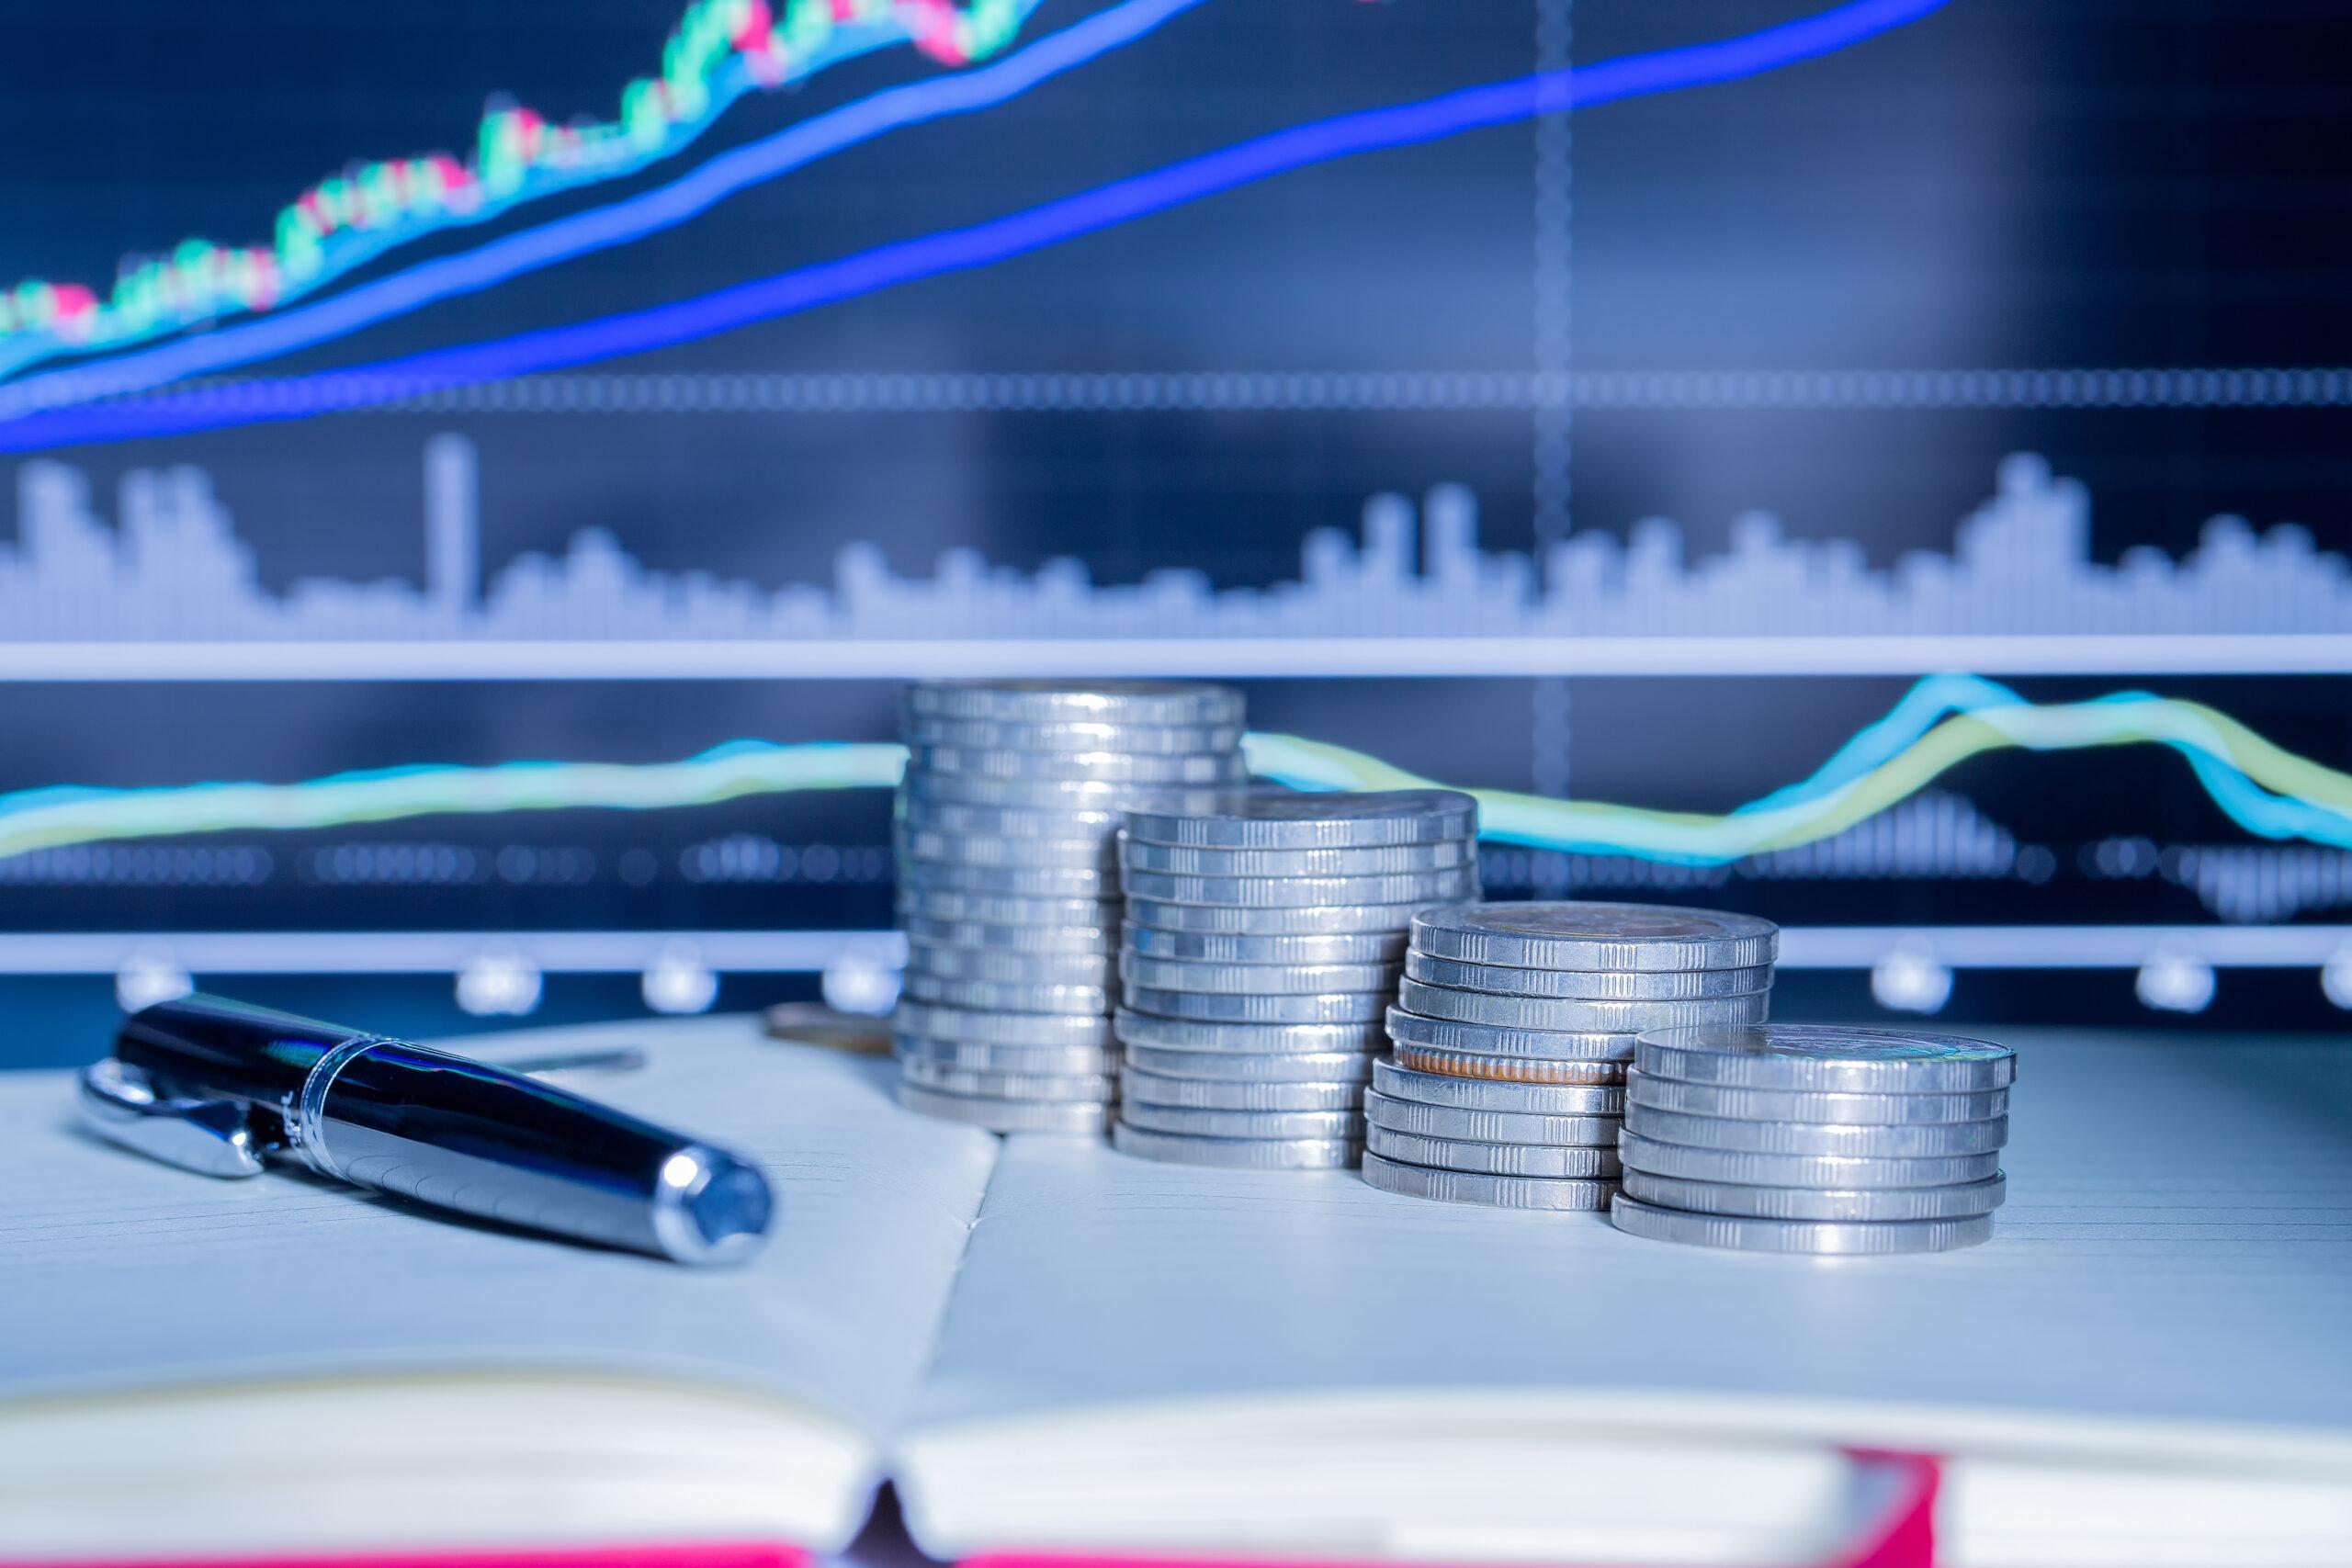 Banco Central abre consulta pública sobre Pix; saques e trocos já são discutidos